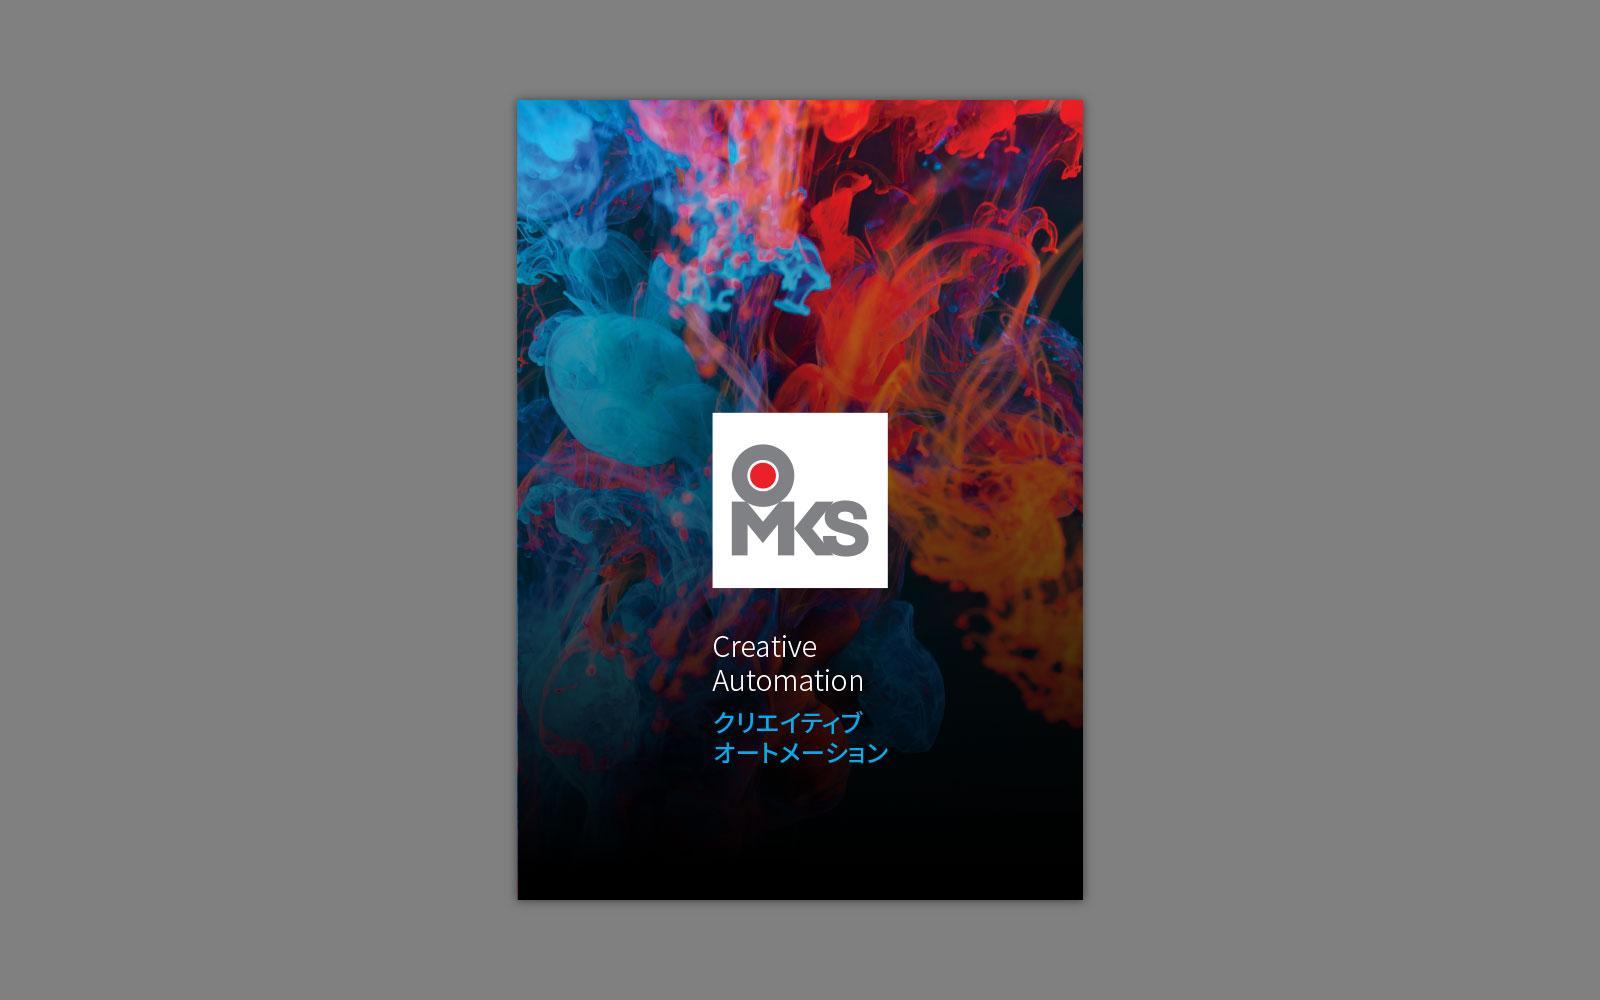 OMKS brochure cover design